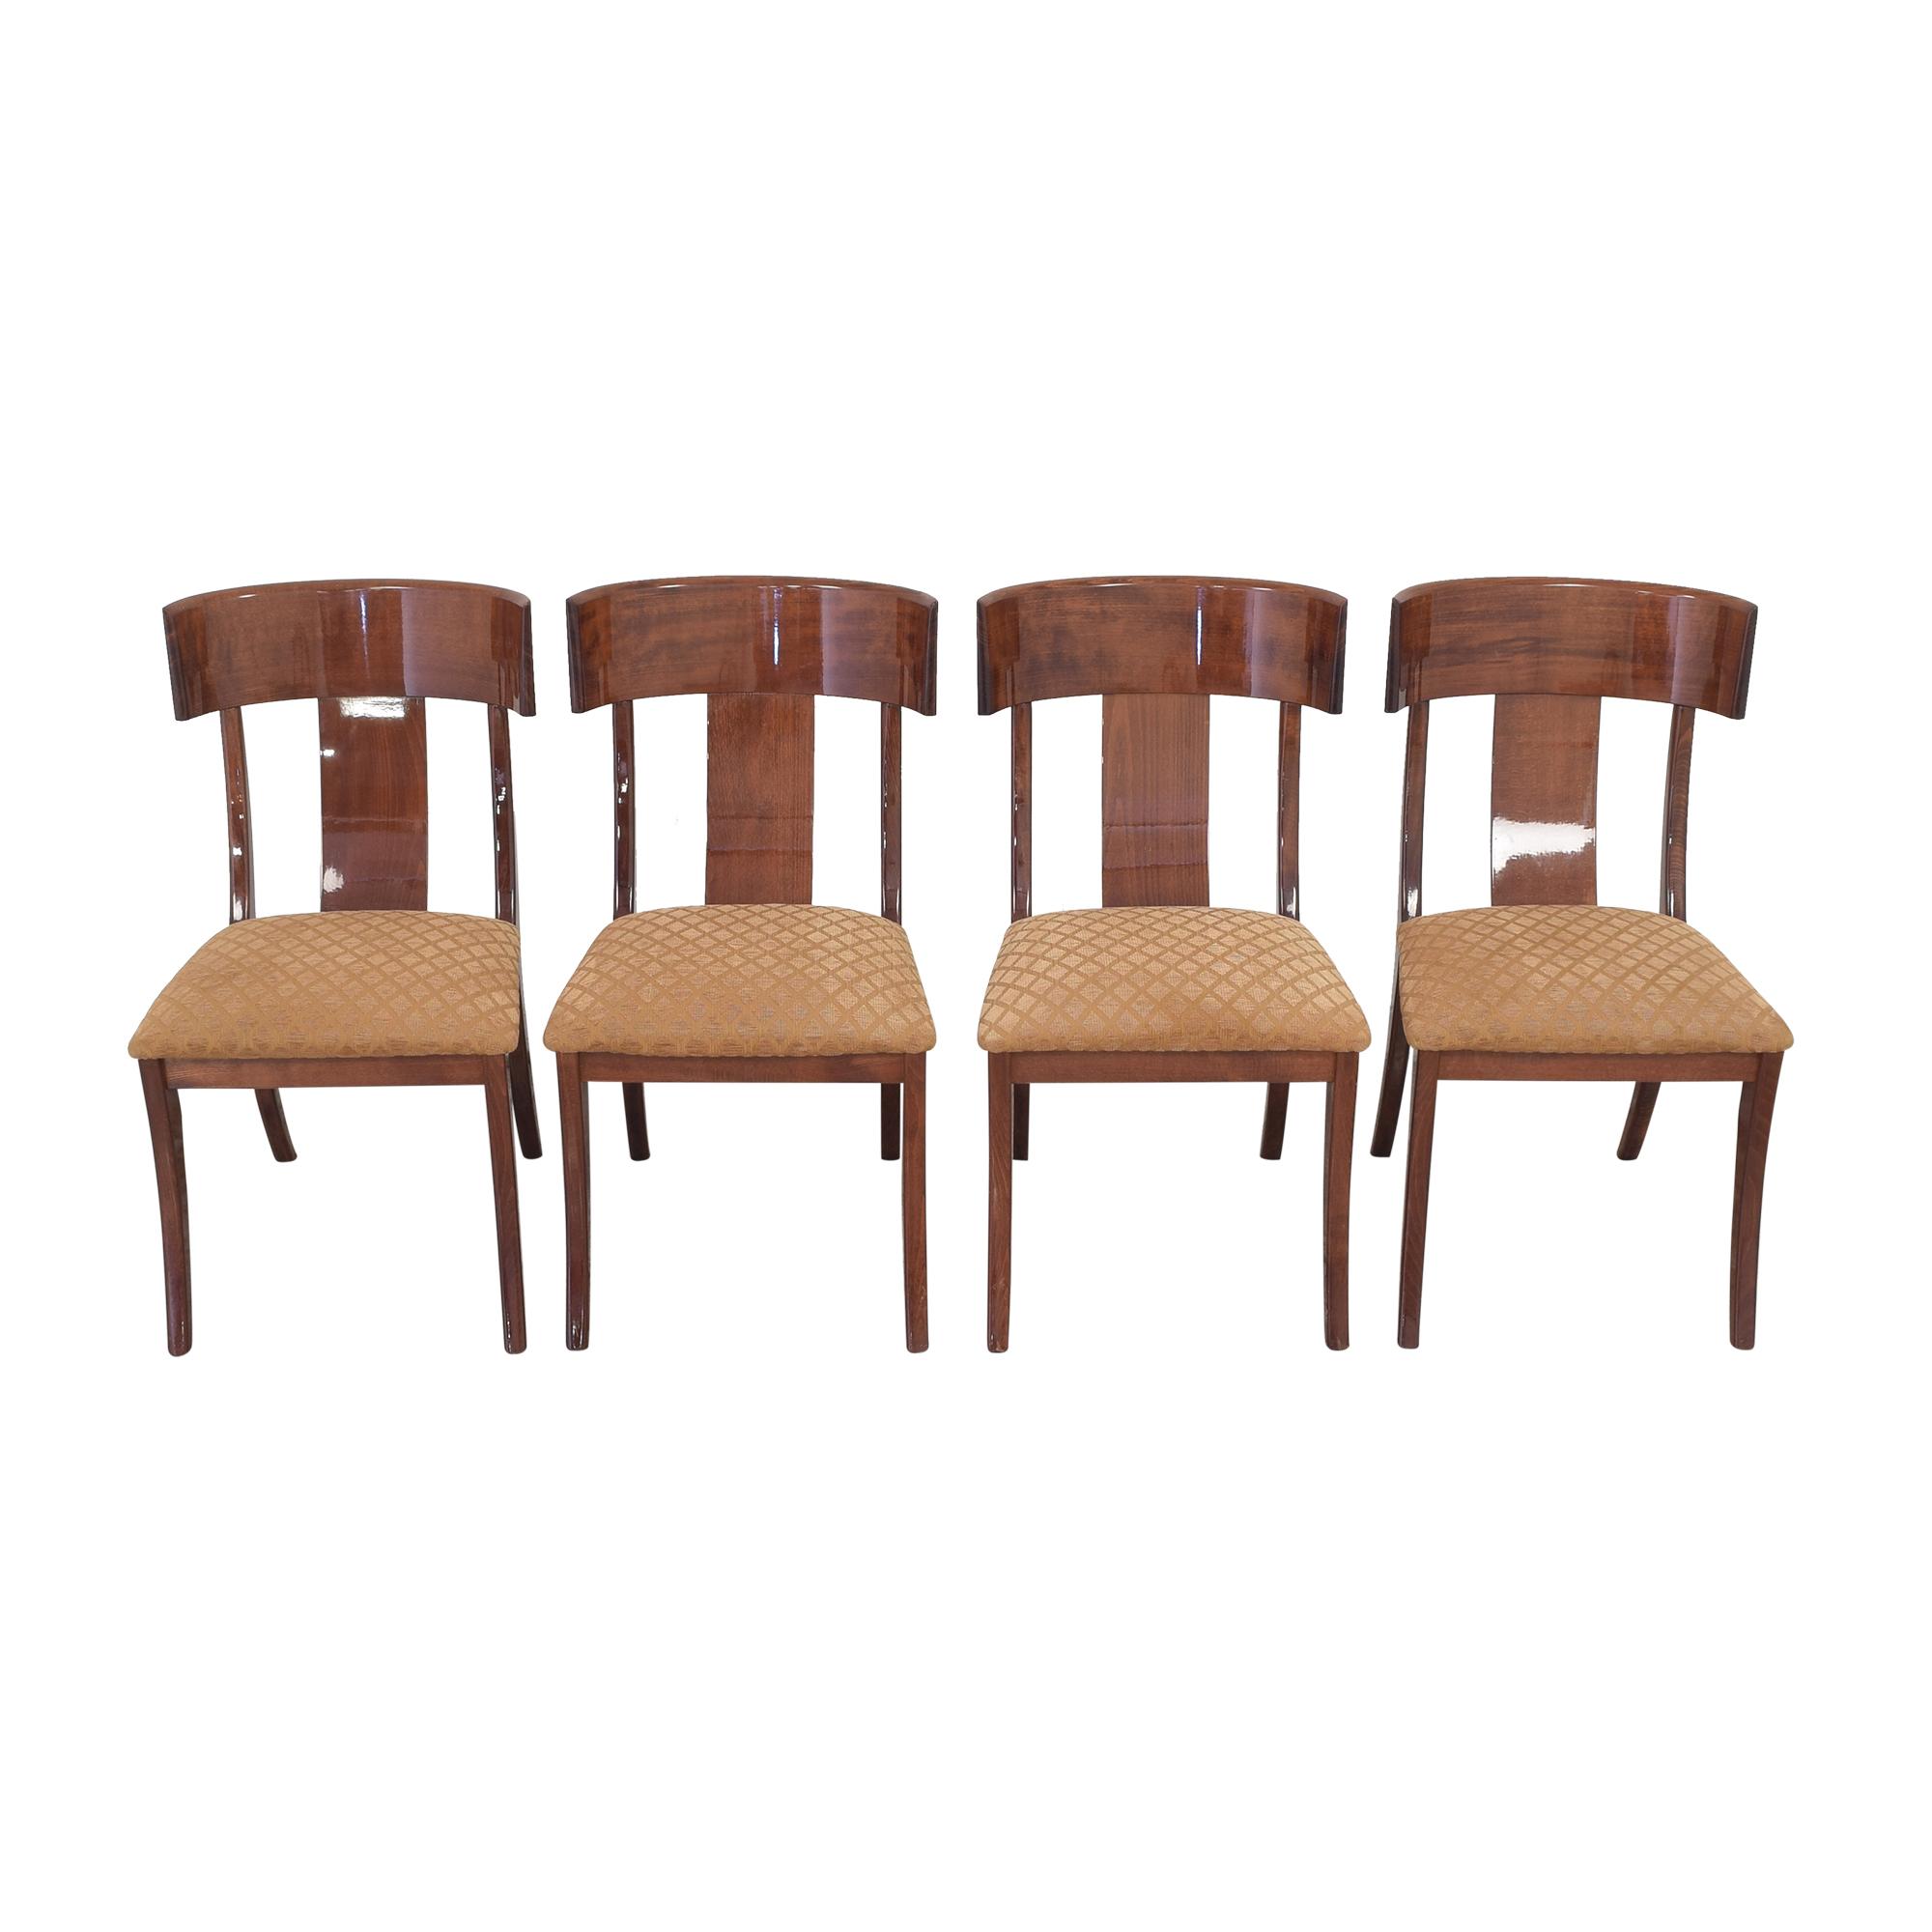 Ello Furniture Pietro Constantini for Ello Klismos Dining Chairs nj